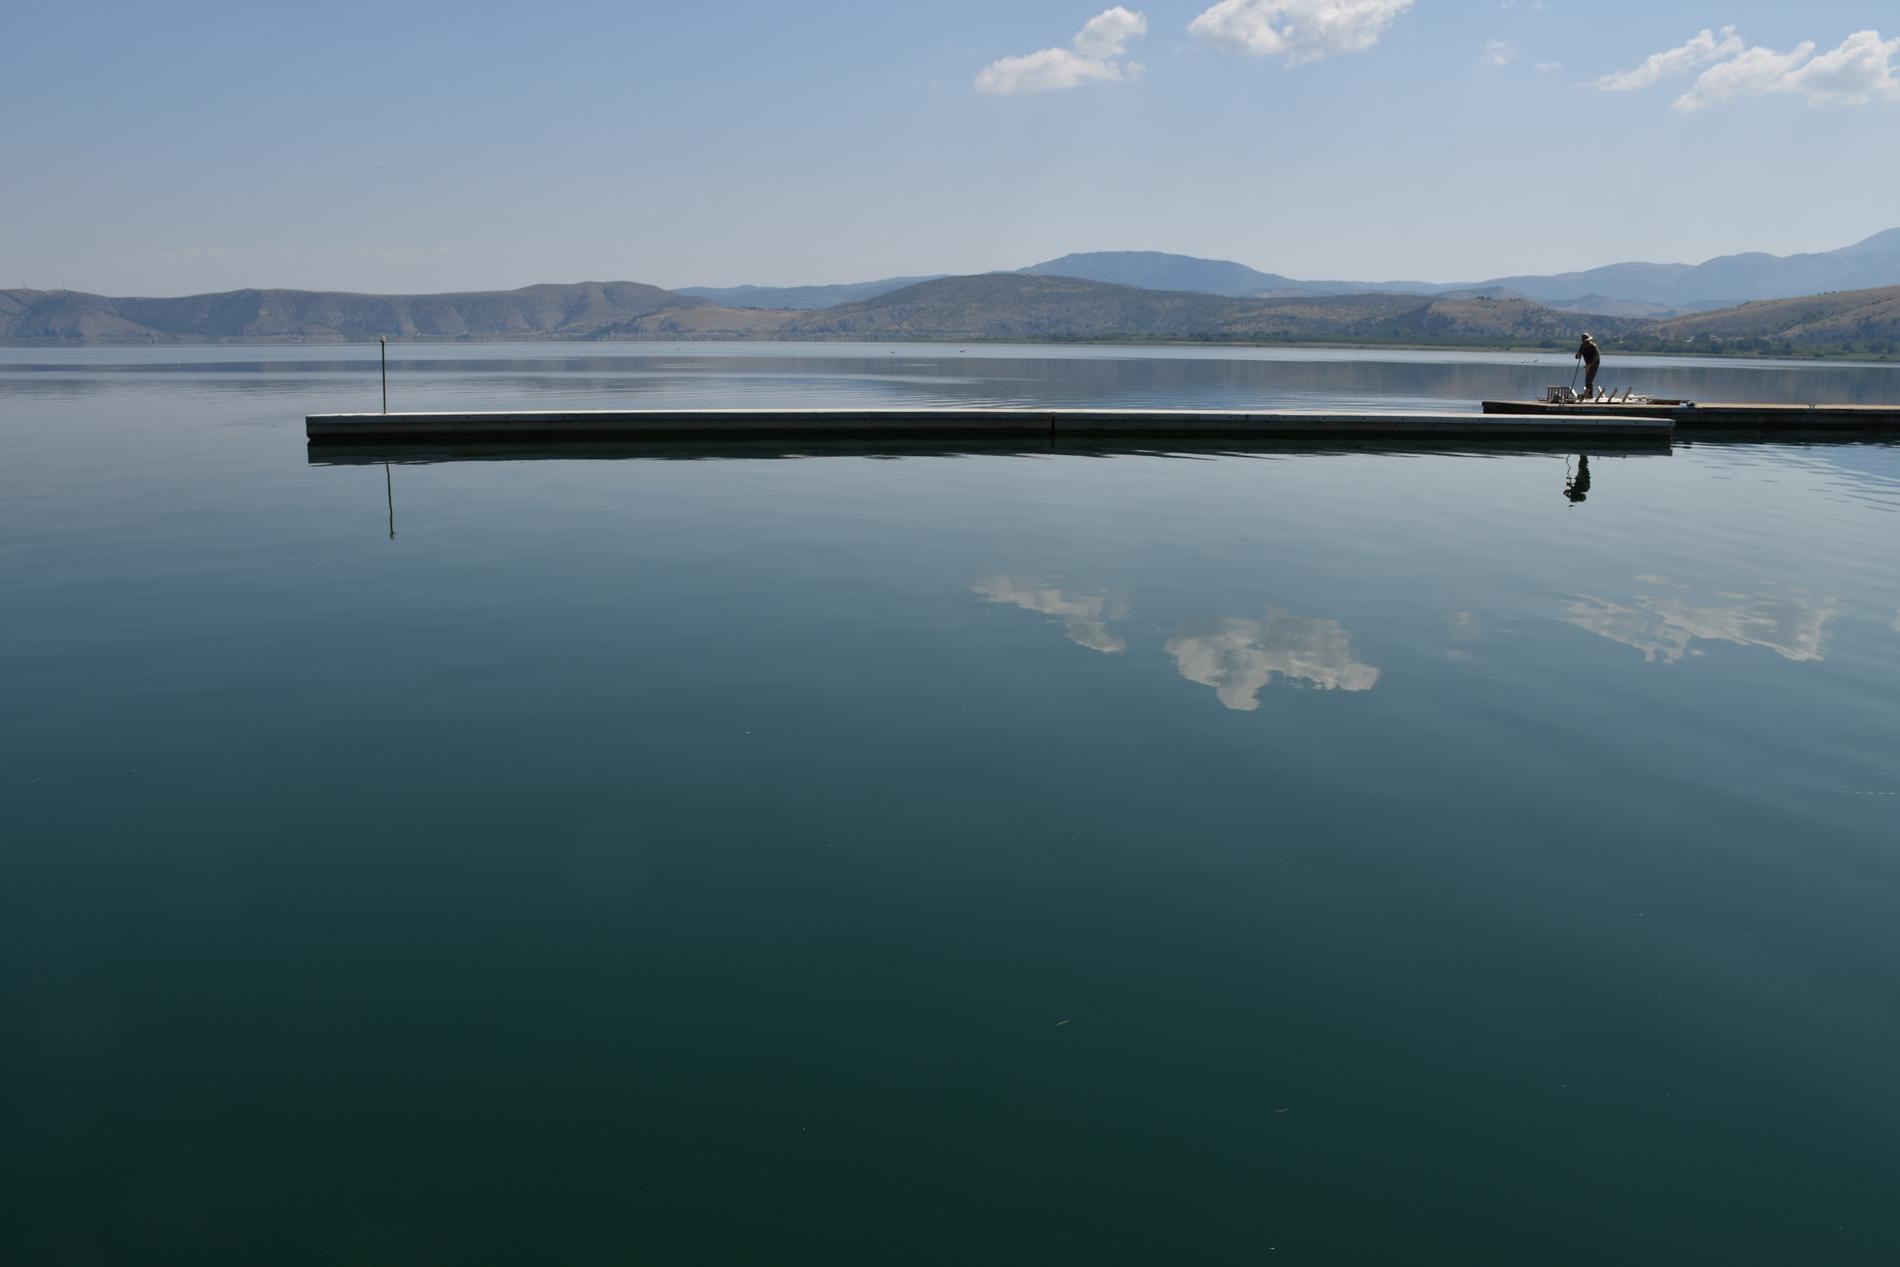 חלום יווני - זורבה - יואל שתרוג - אדמה יוצרת - yoel sitruk - כחול יוון